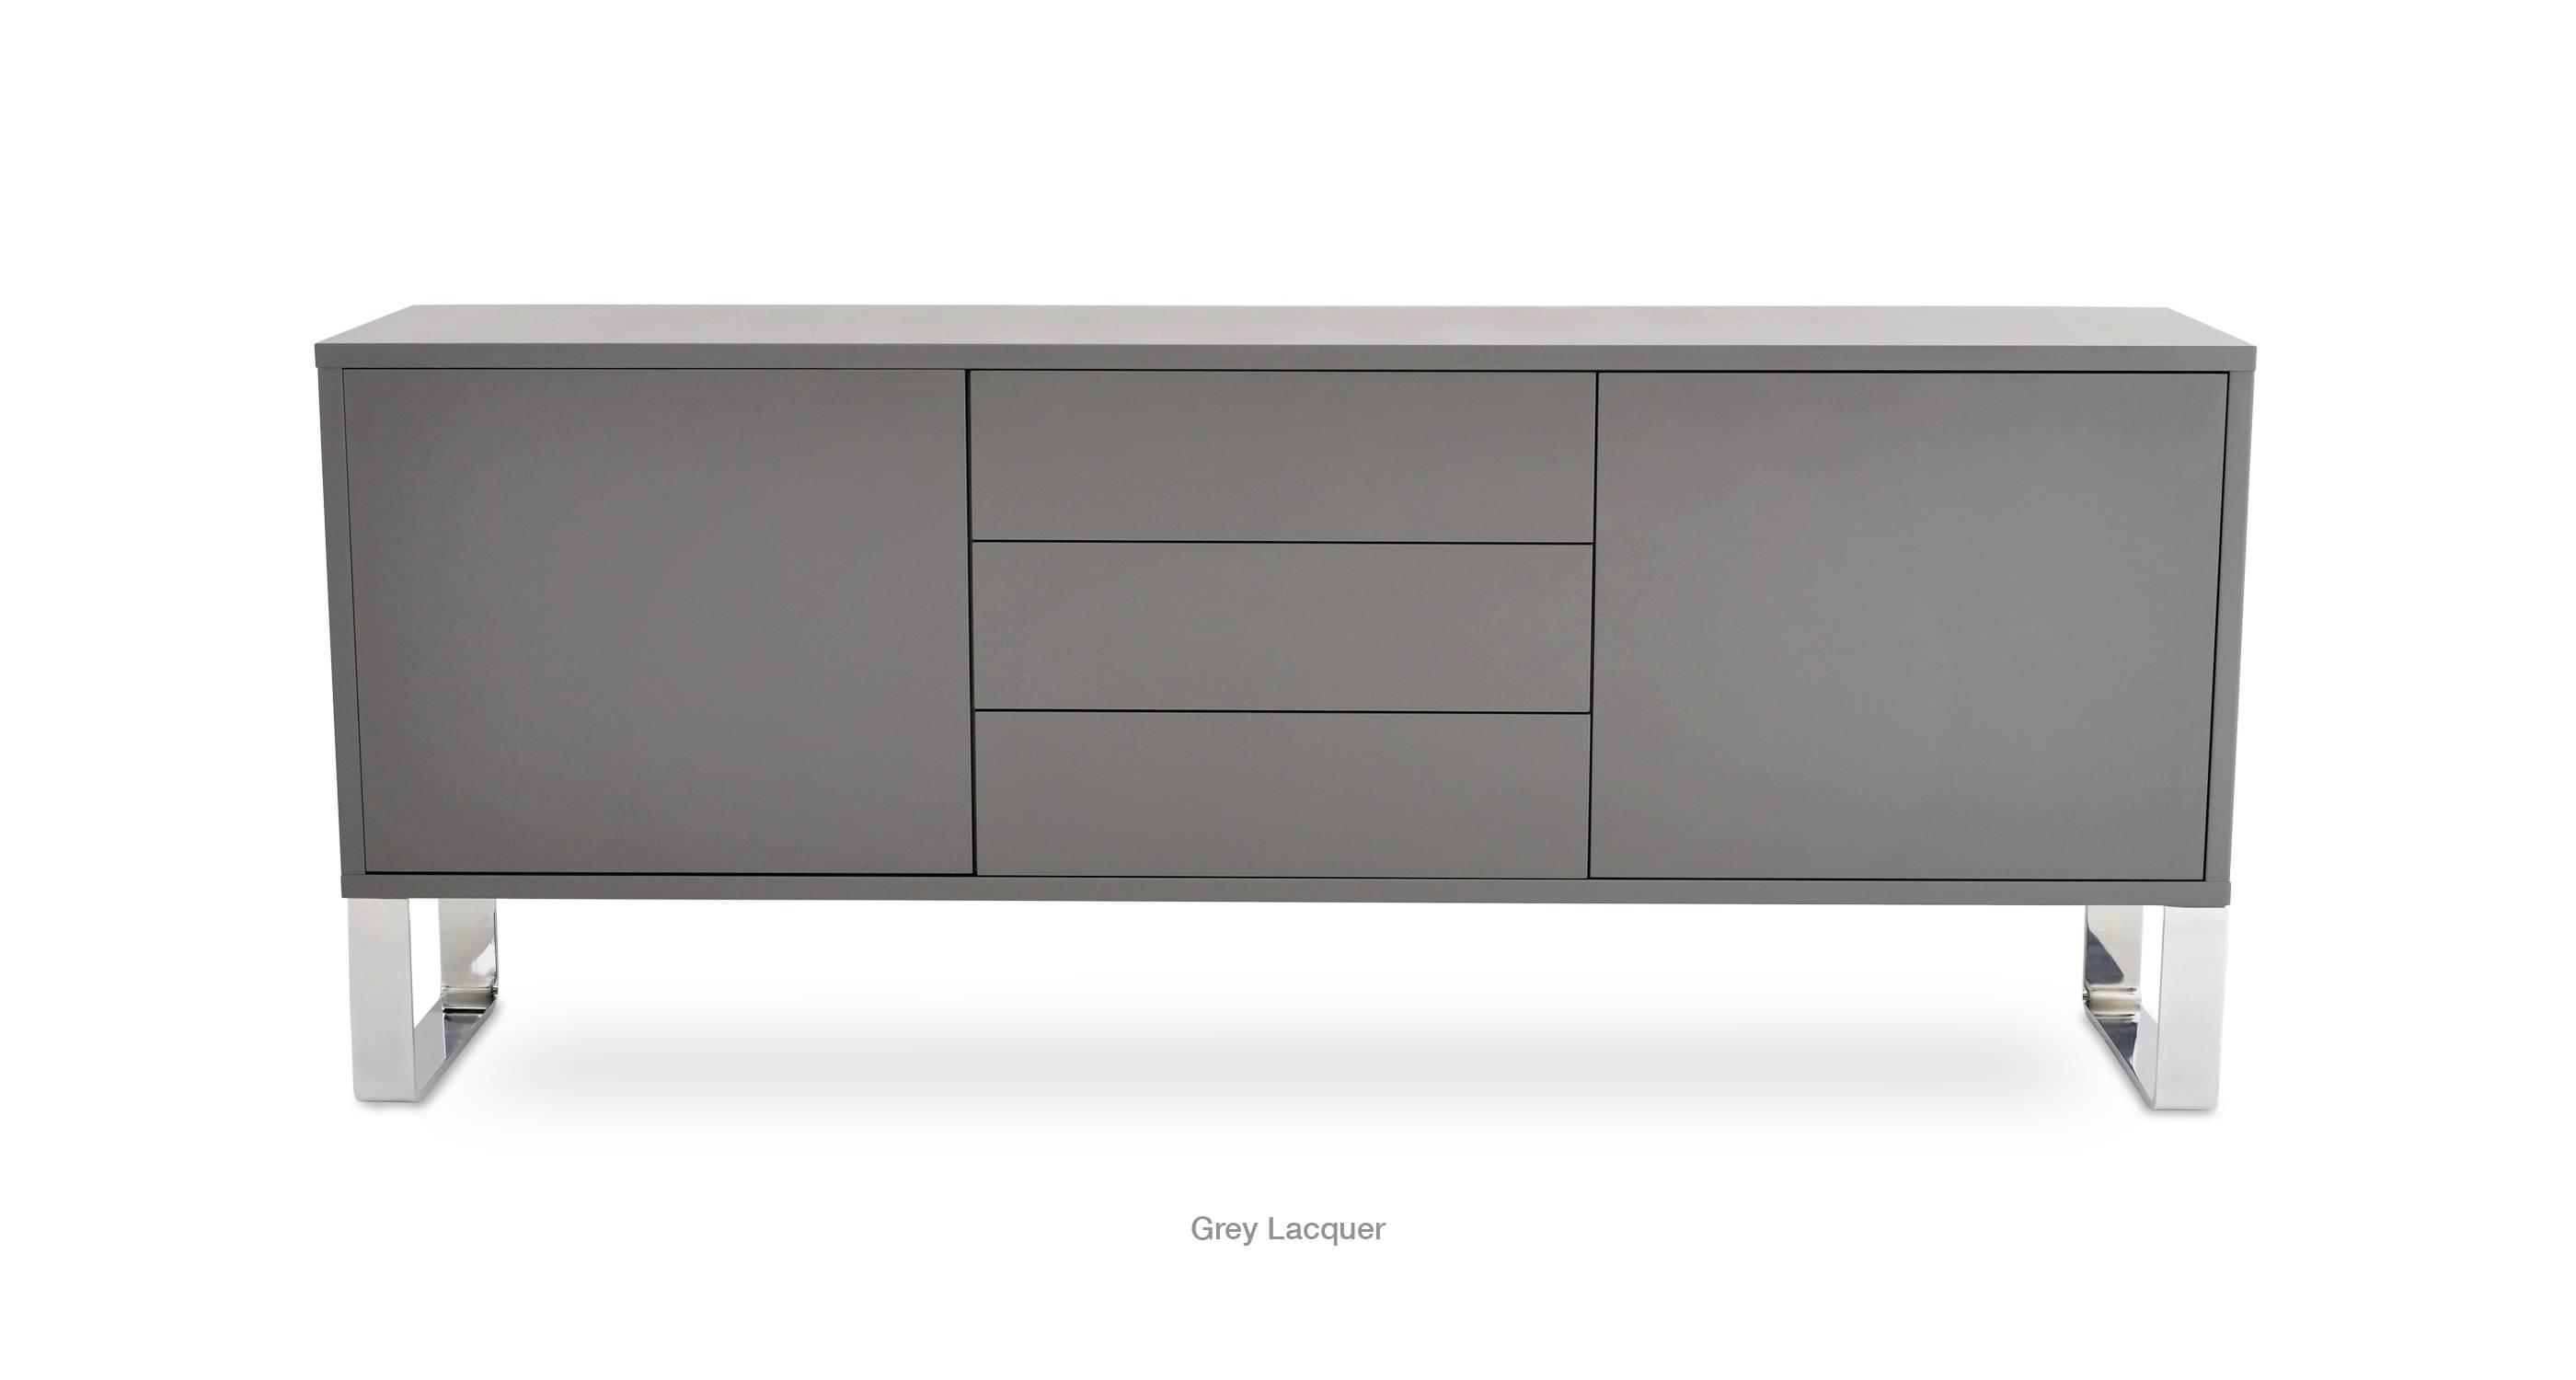 Malta Sideboard | Modern Furniture | Sohoconcept inside Black And Walnut Sideboards (Image 21 of 30)